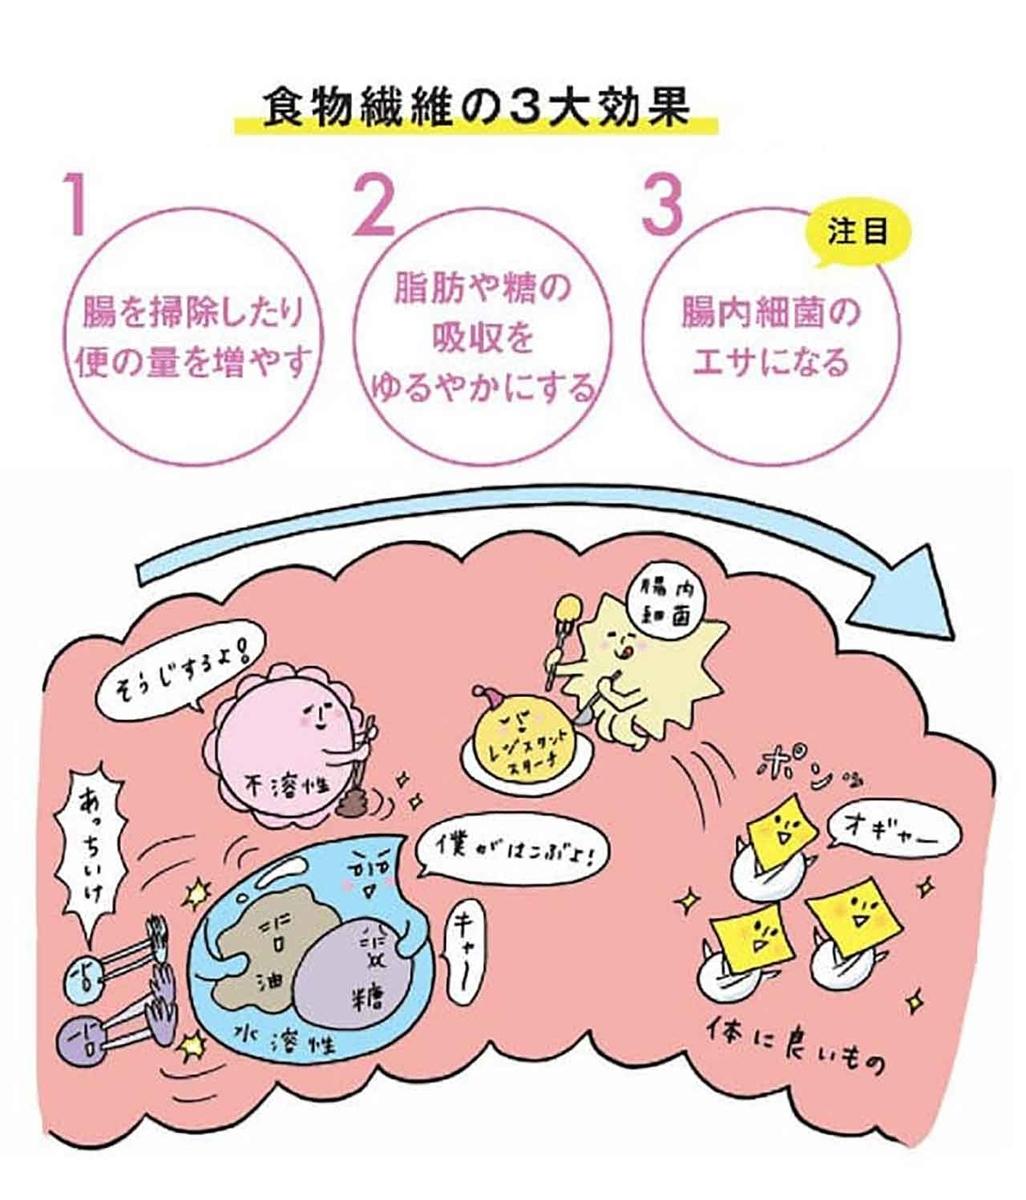 f:id:kozonoayumi2018:20210420080502j:plain